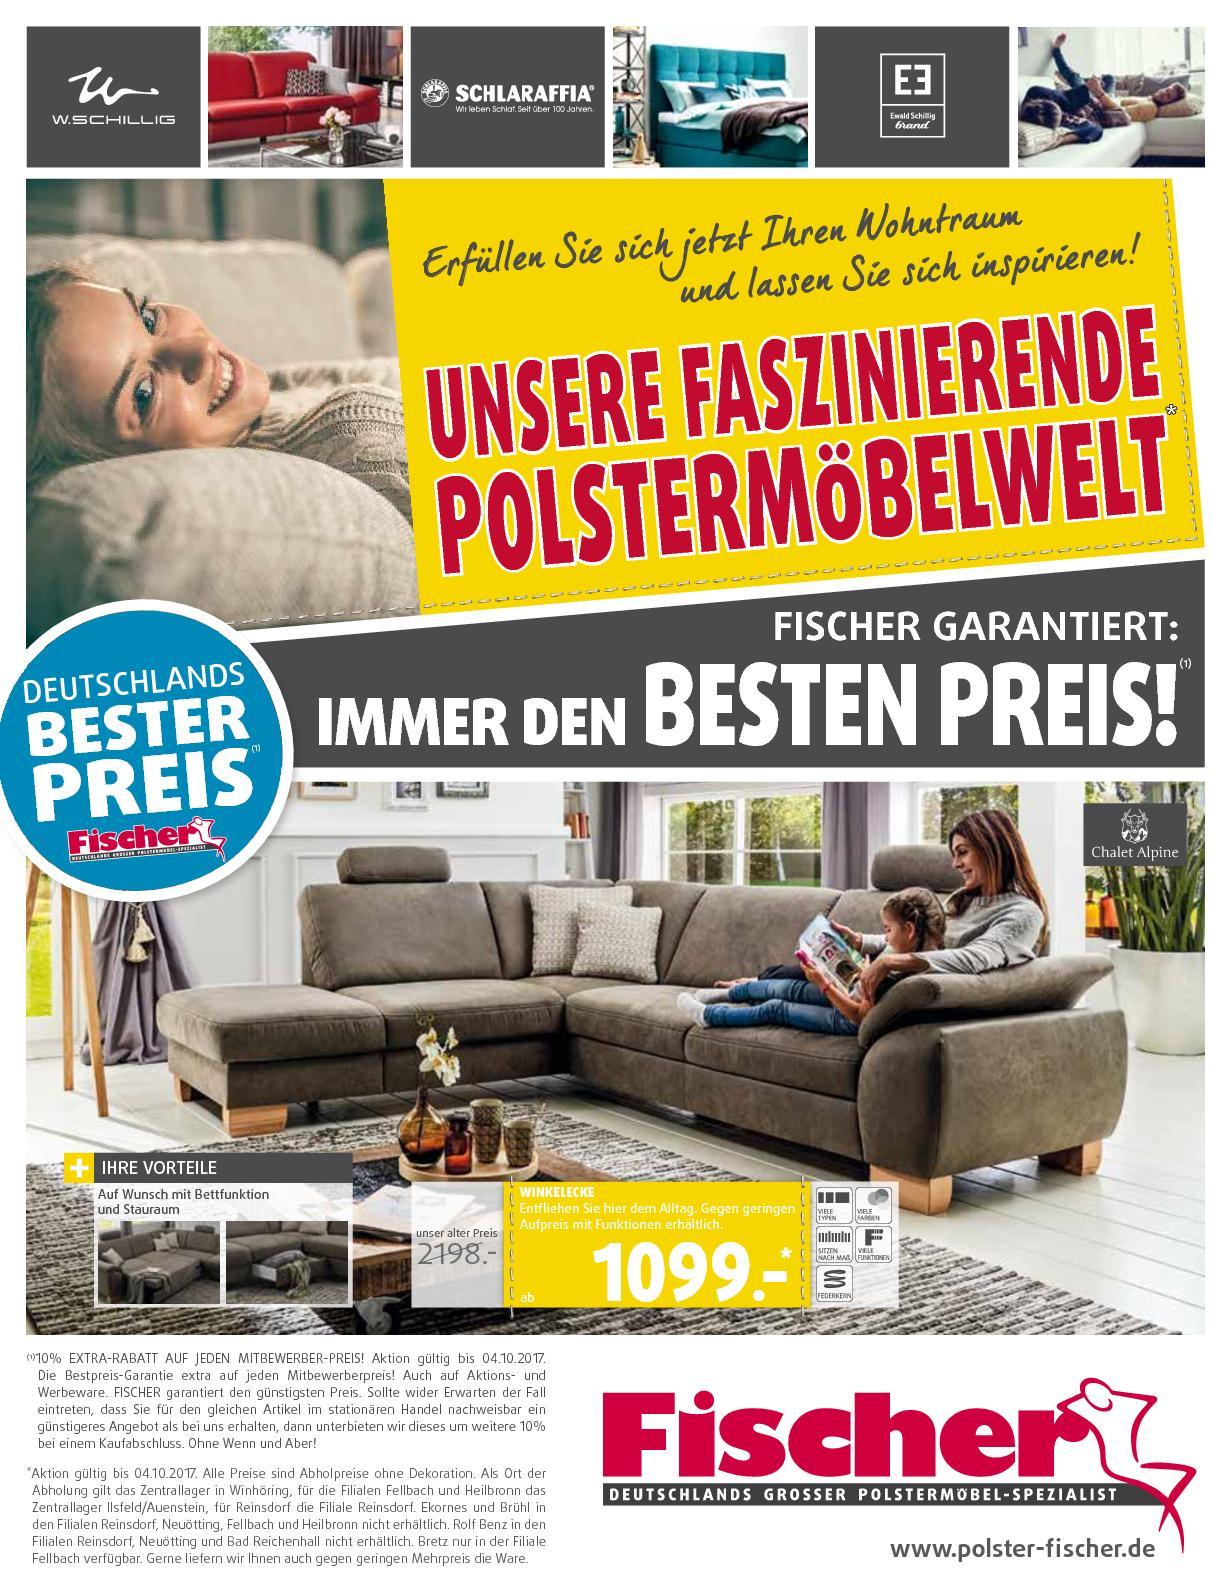 Calaméo - Polstermöbel_Fischer_AB_20.09.2017